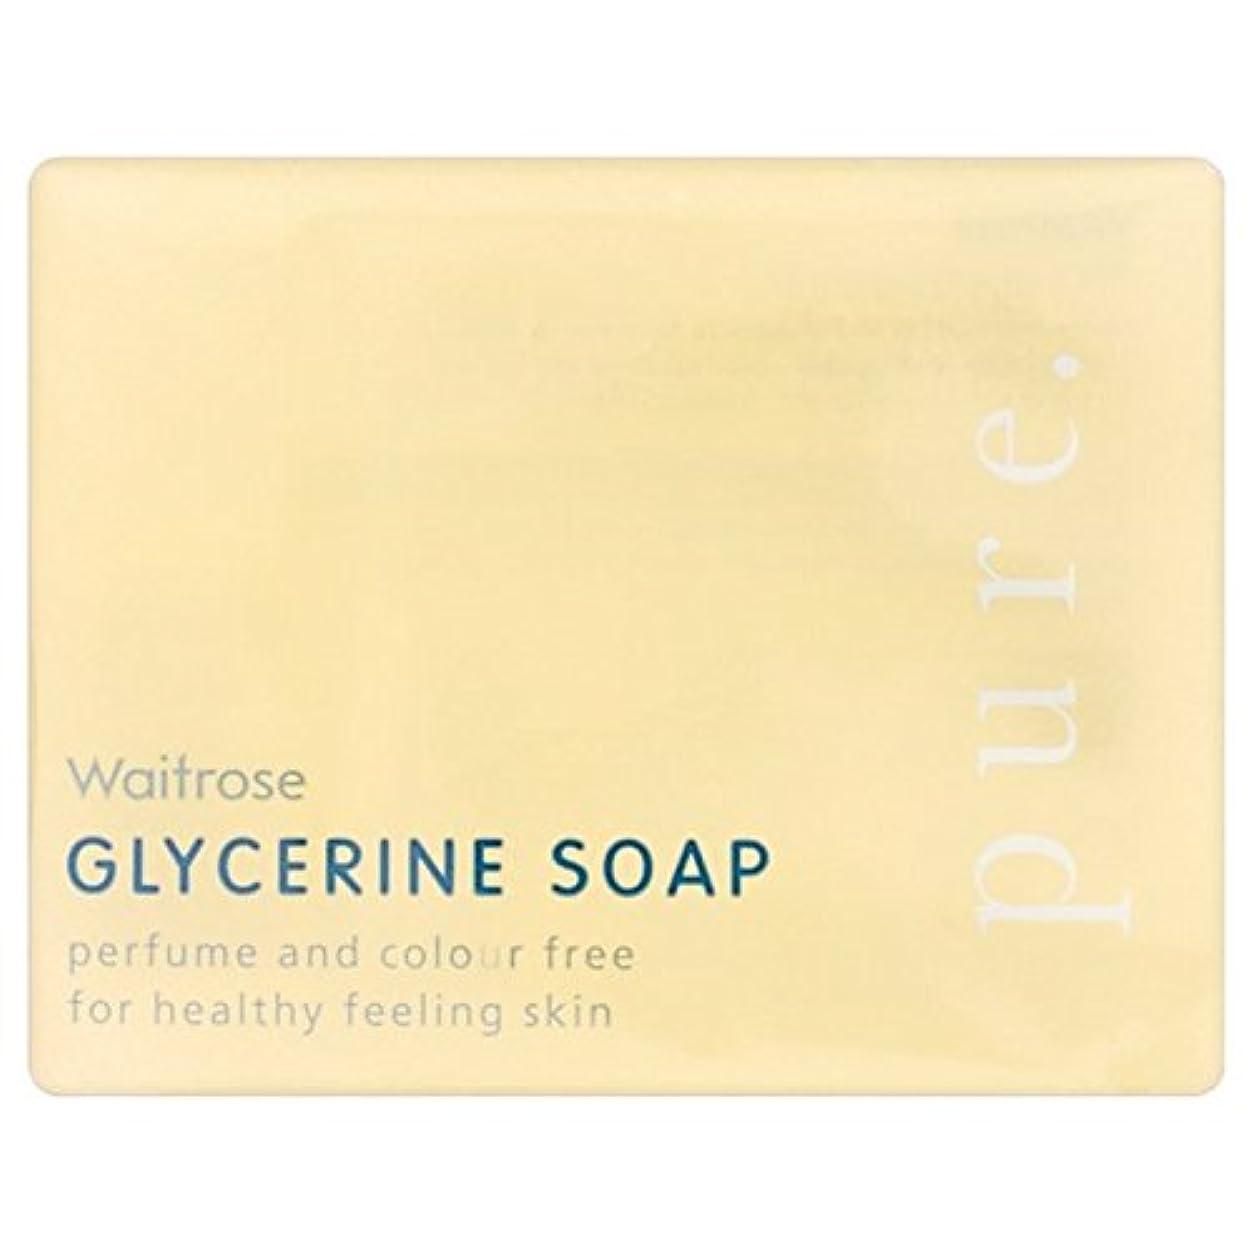 直径登録祝福する純粋なグリセリンソープウェイトローズの100グラム x4 - Pure Glycerine Soap Waitrose 100g (Pack of 4) [並行輸入品]